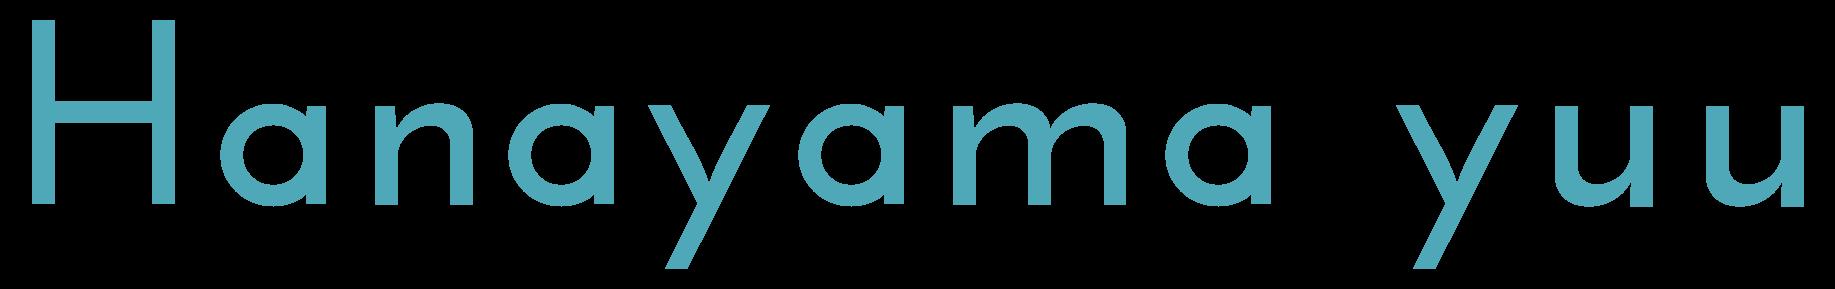 NAME-logo-josefin